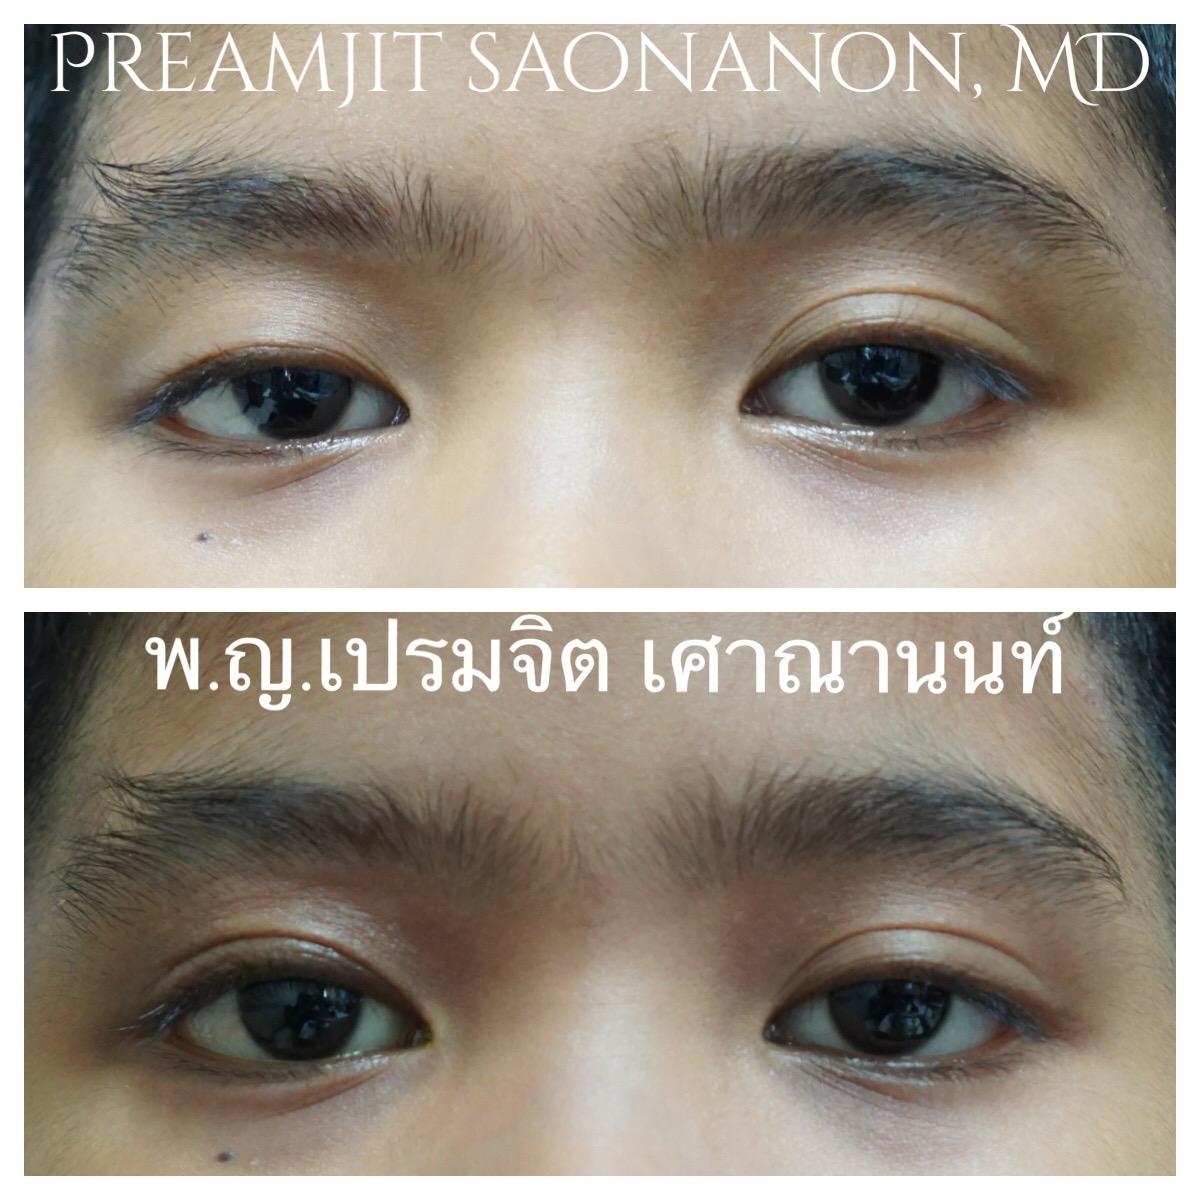 หนังตาตกแต่กำเนิดตาขวา